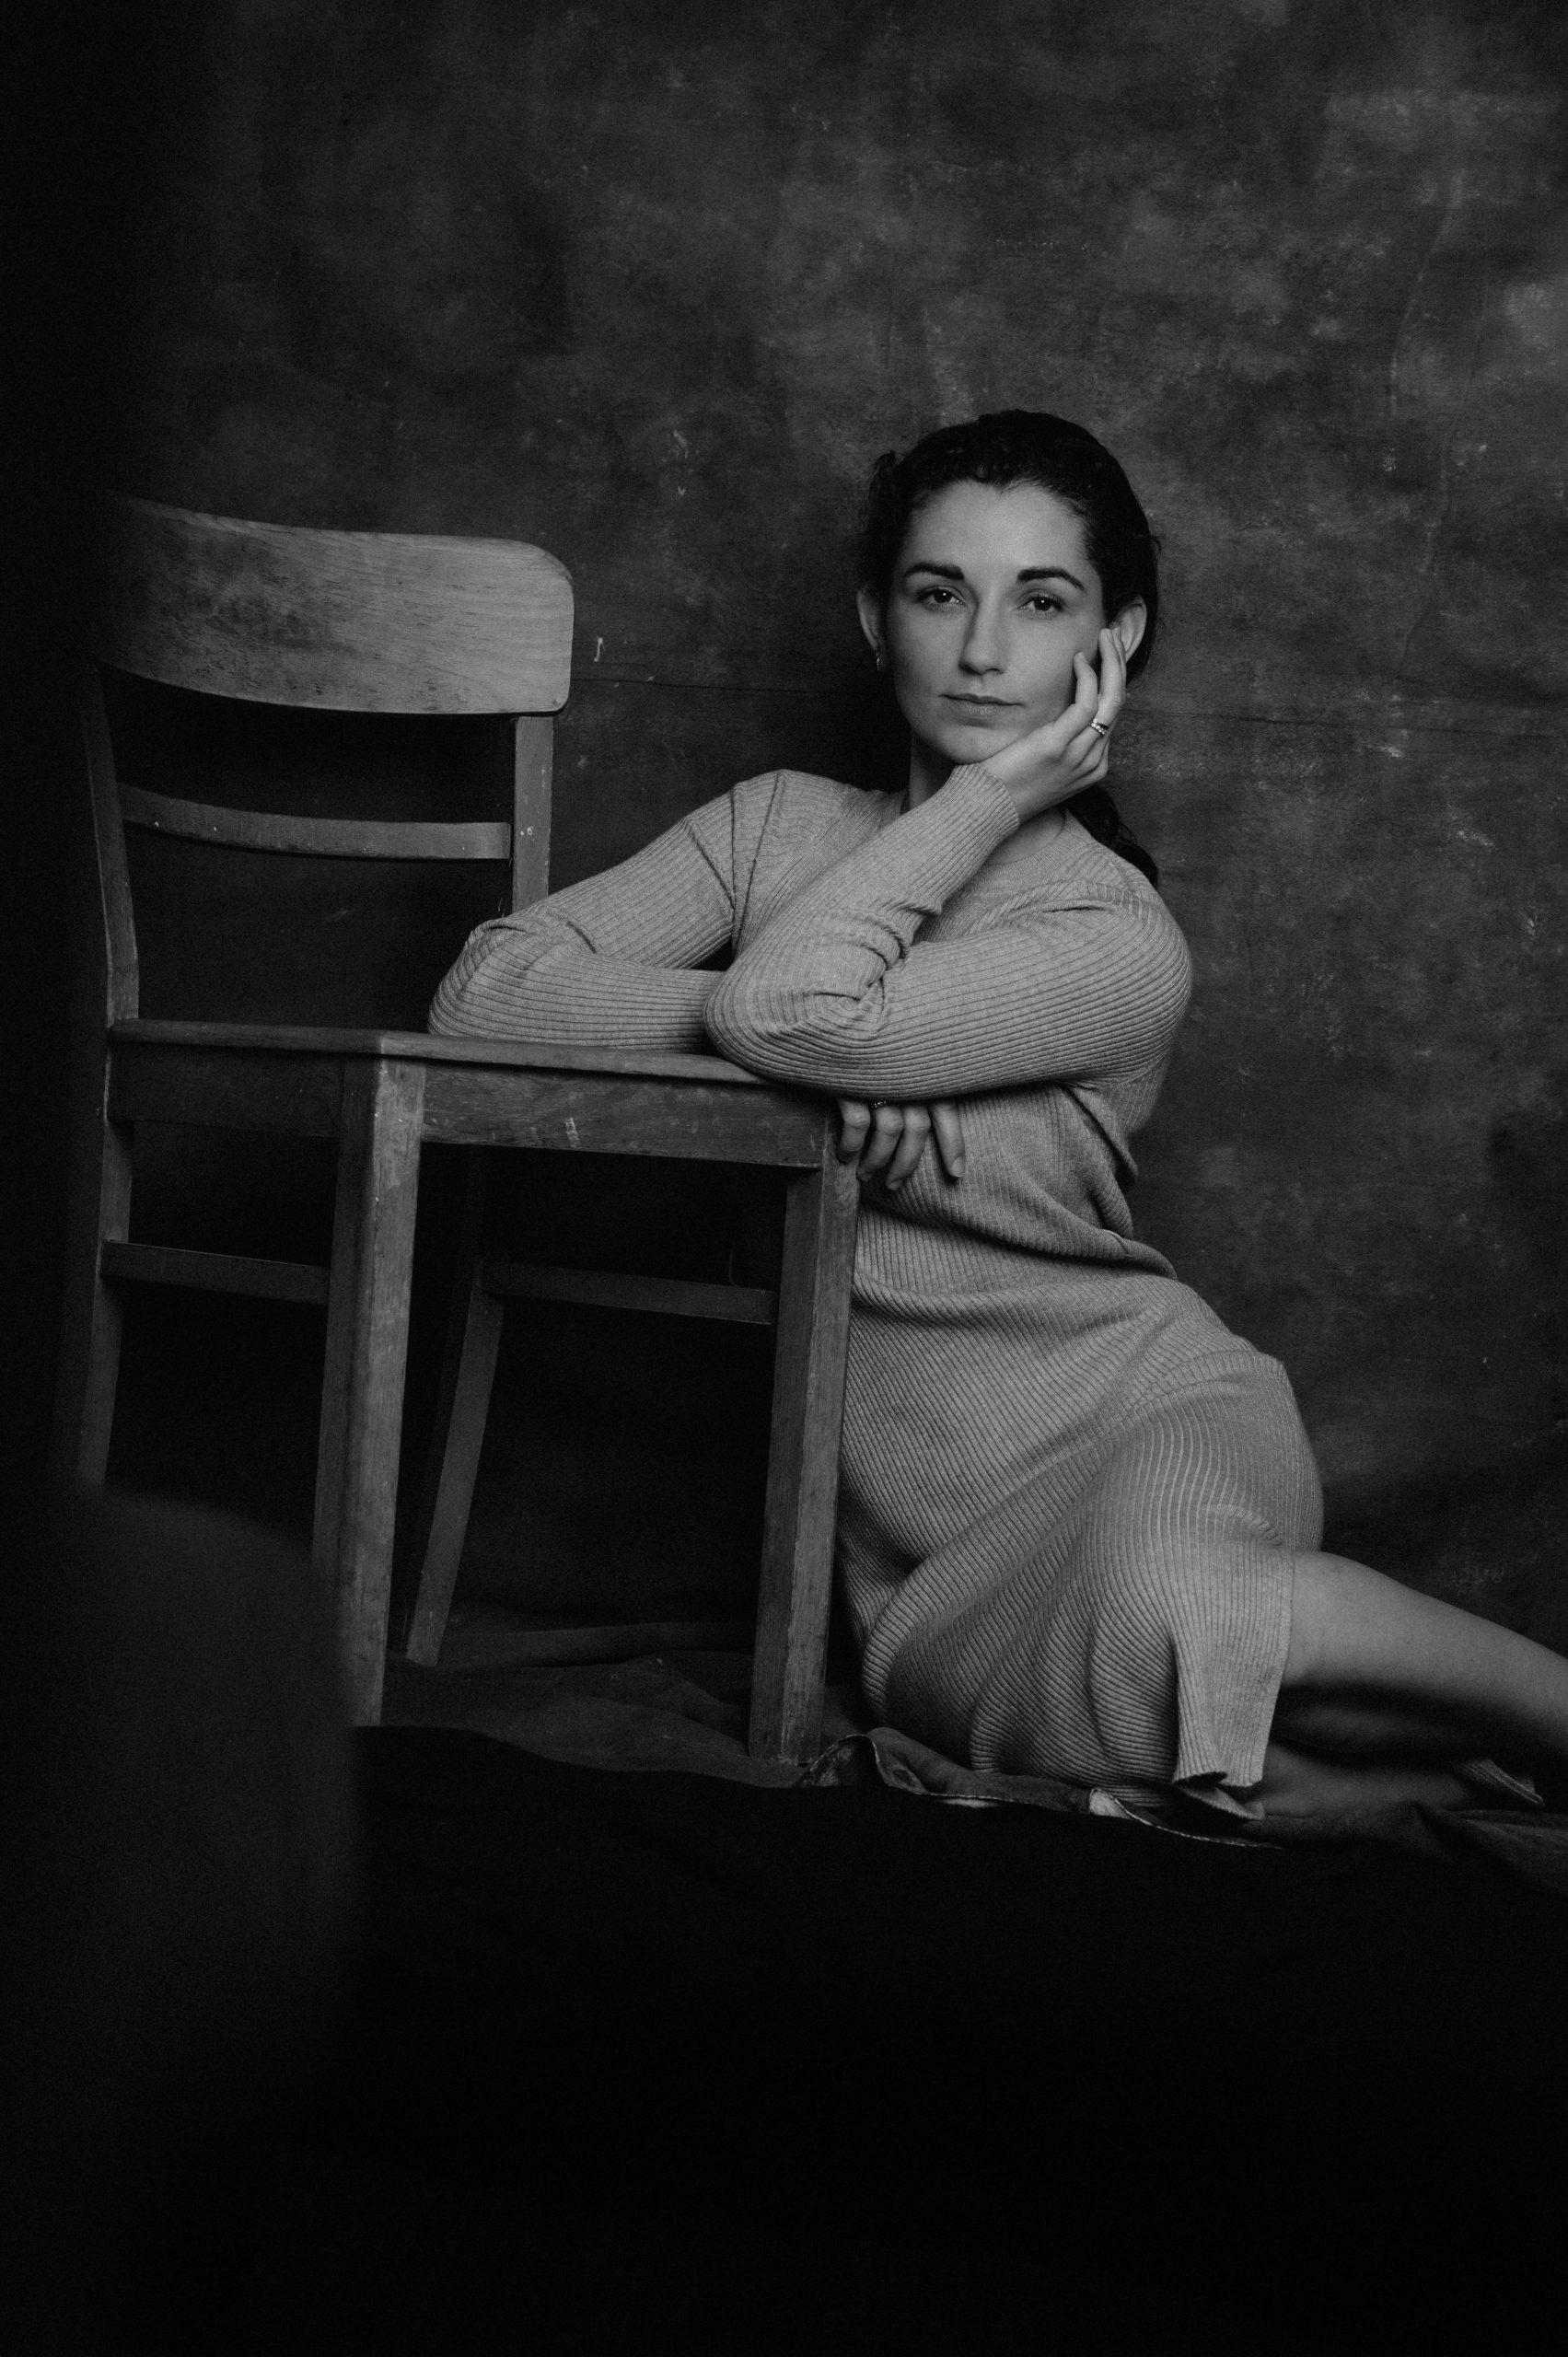 Frau sitzt neben Stuhl